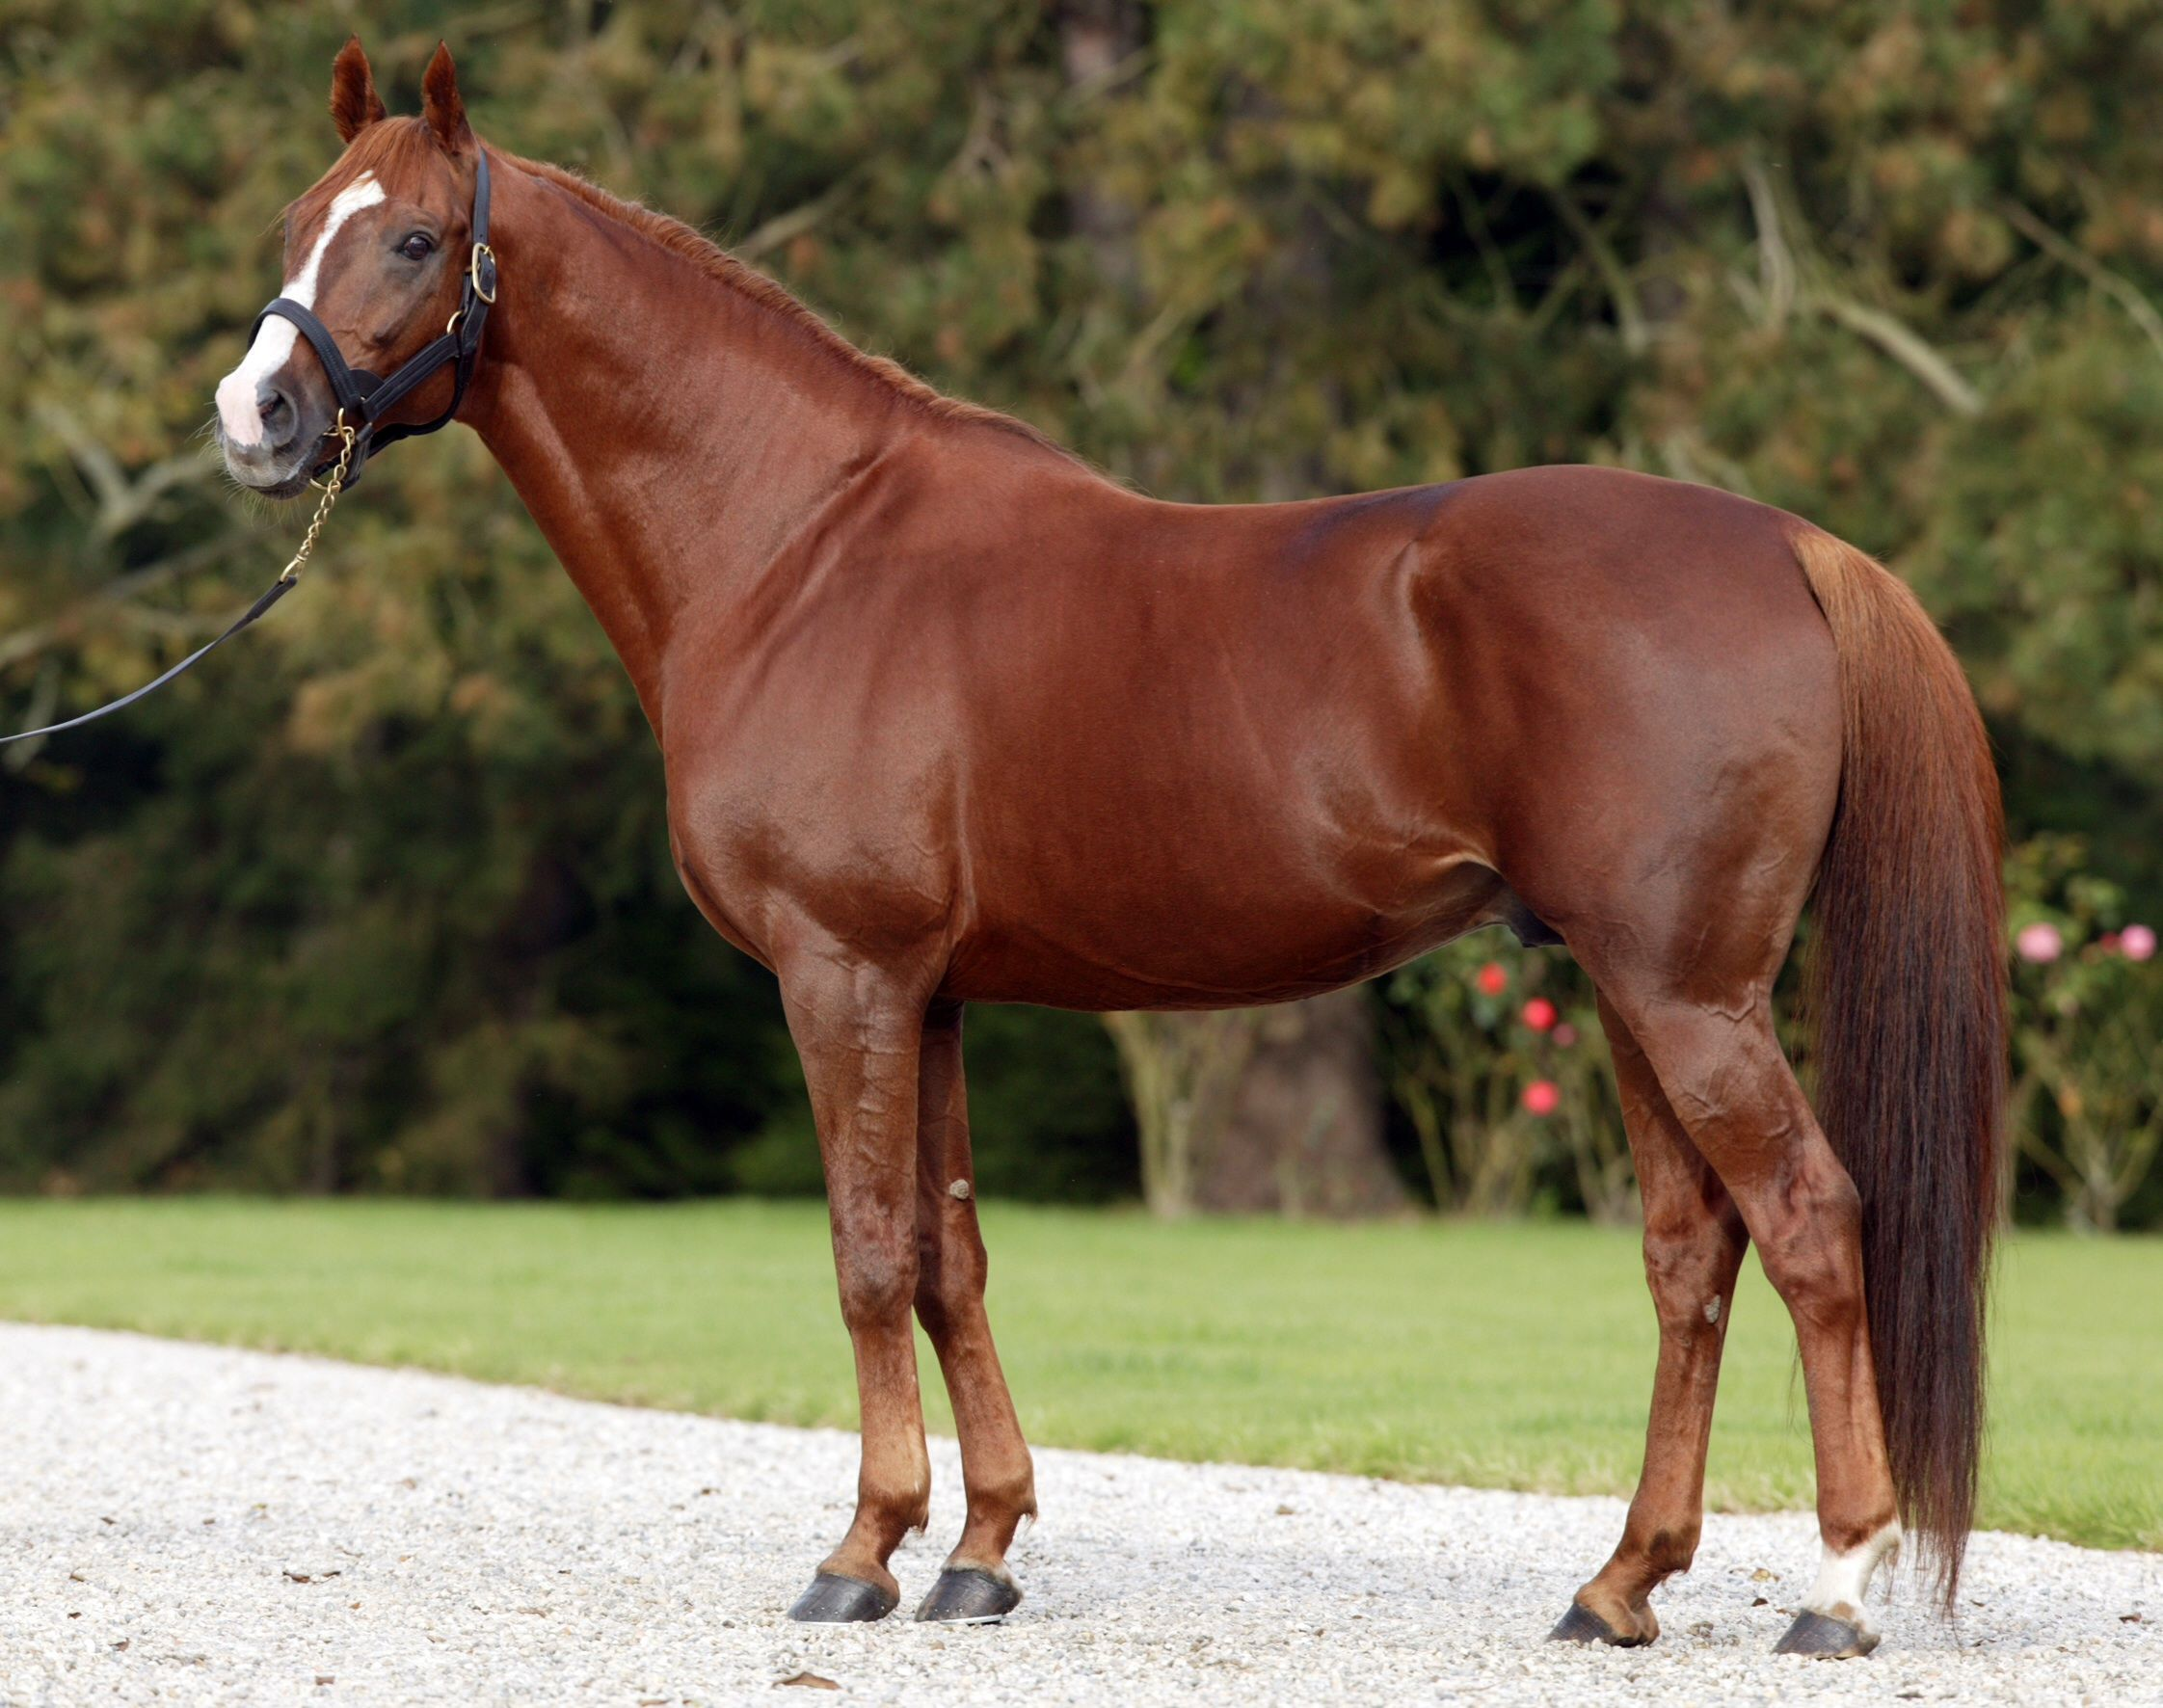 Chestnut liver quarter horse   Favorite horse photos ... - photo#12